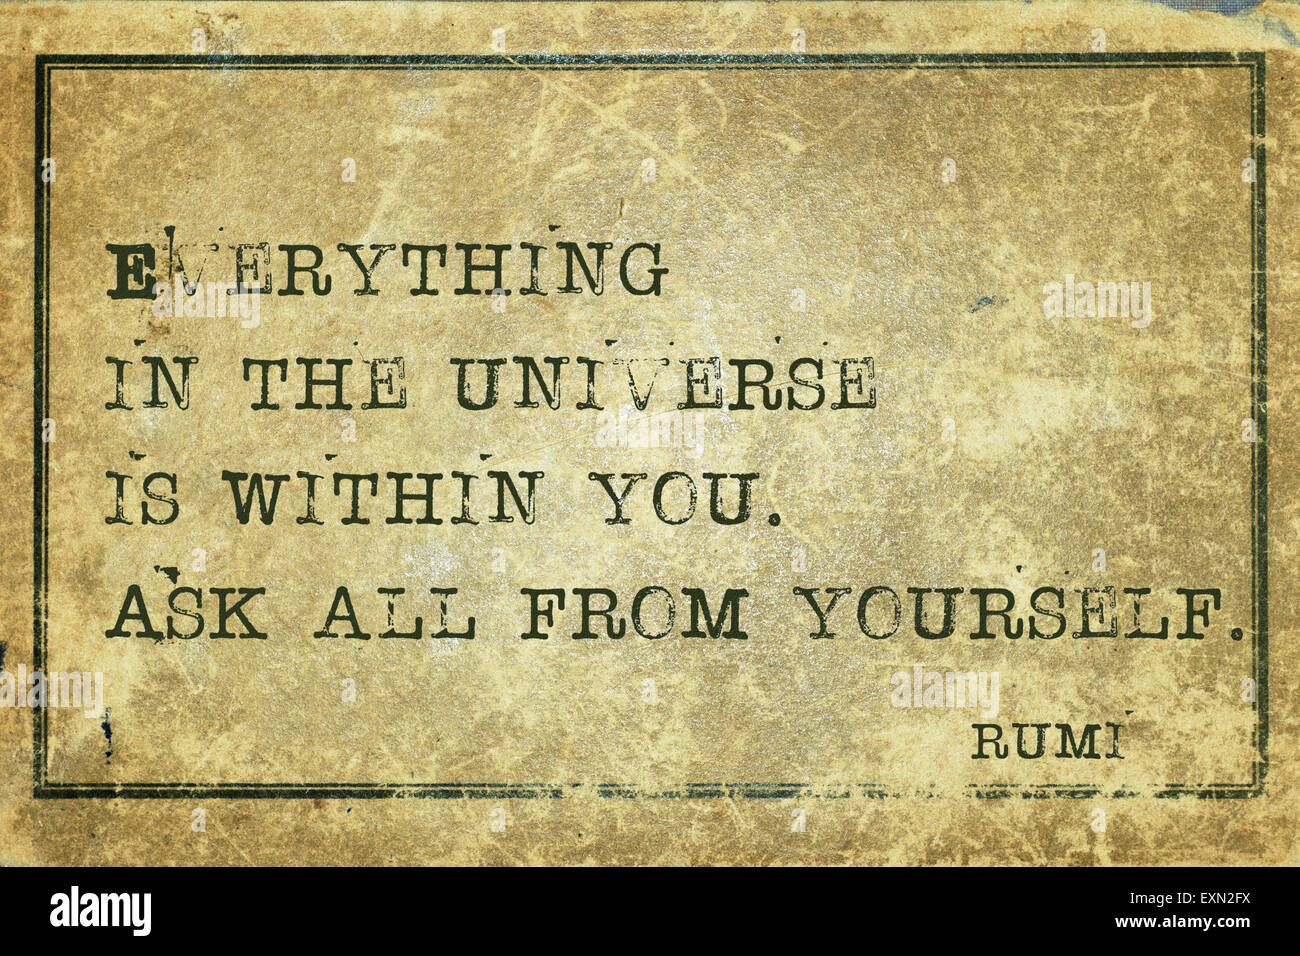 Alles Im Universum Ist In Dir Alte Persische Dichter Und Philosoph Rumi Zitat Auf Grunge Vintage